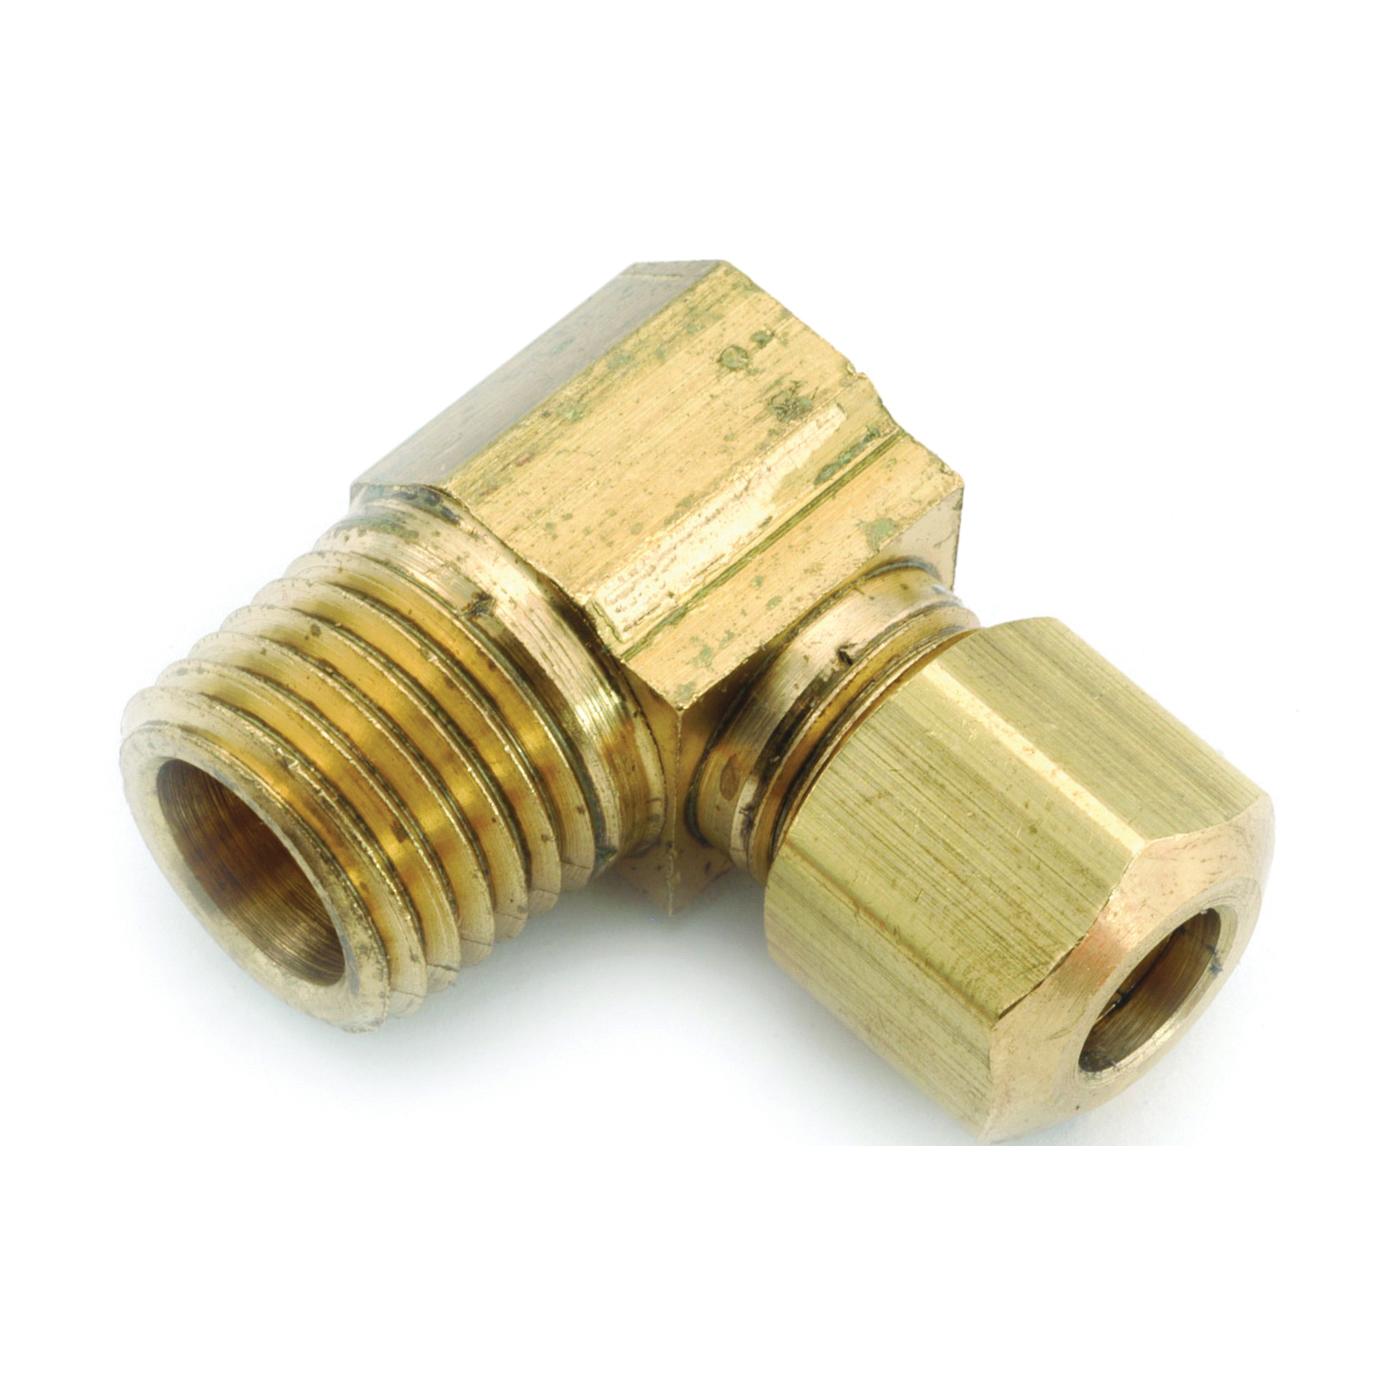 Anderson Metals 750069-0808